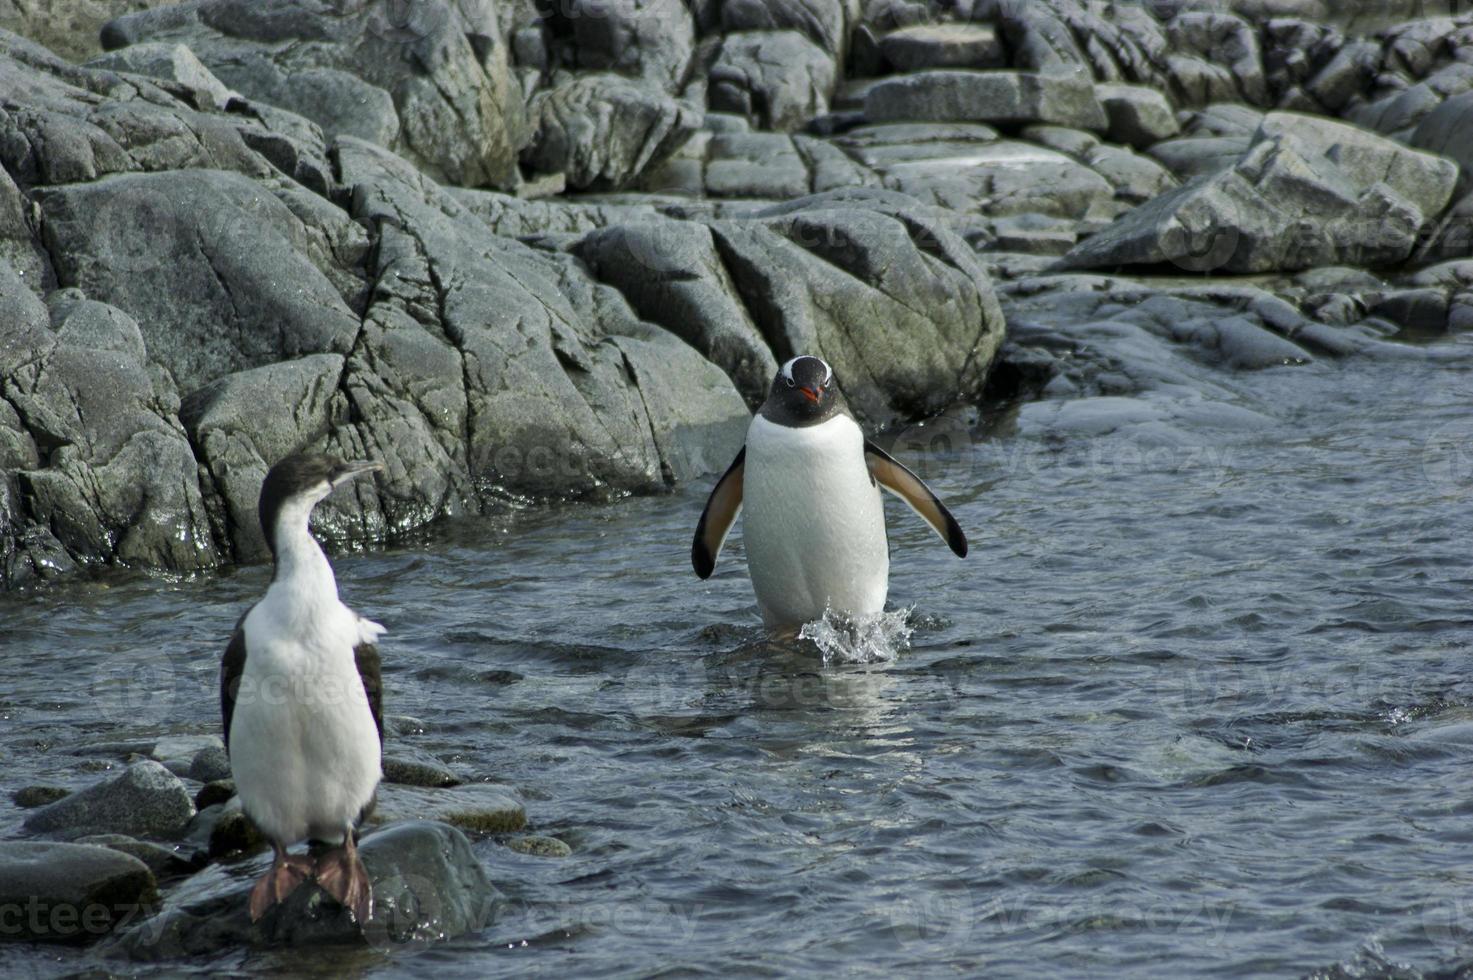 pinguim-gentoo andando pela água com um cormorão de olhos azuis foto